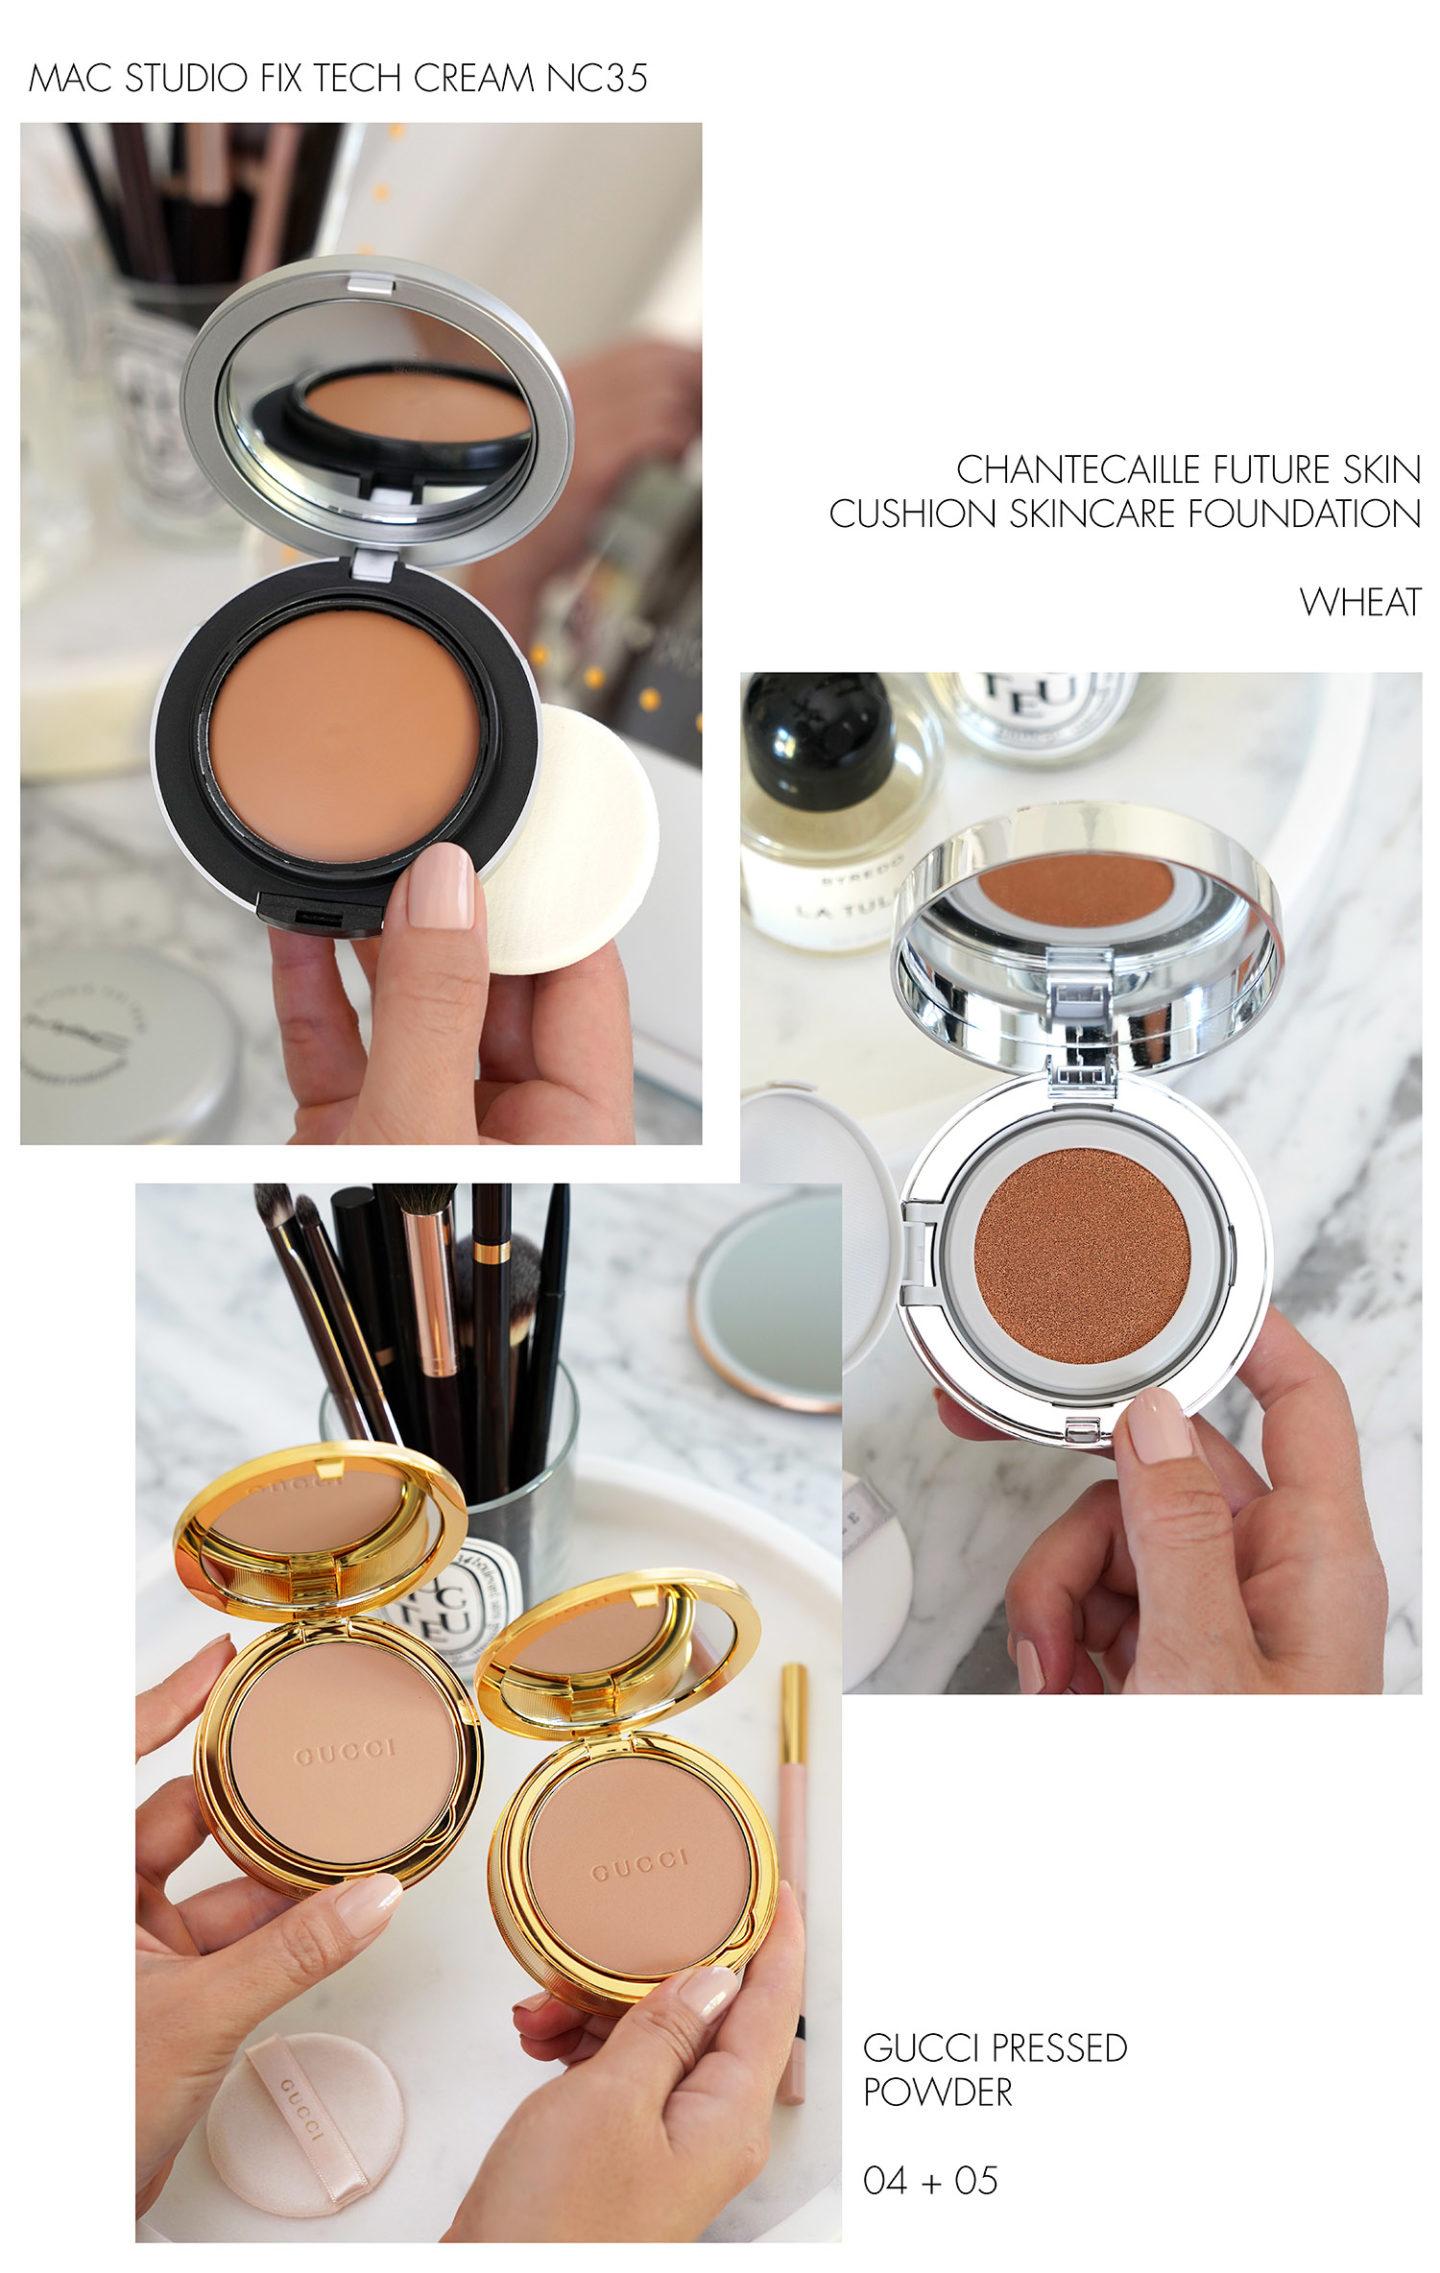 MAC Studio Fix Tech Cream NC35, Coussin Chantecaille Future Skin, Gucci Pressed Powder